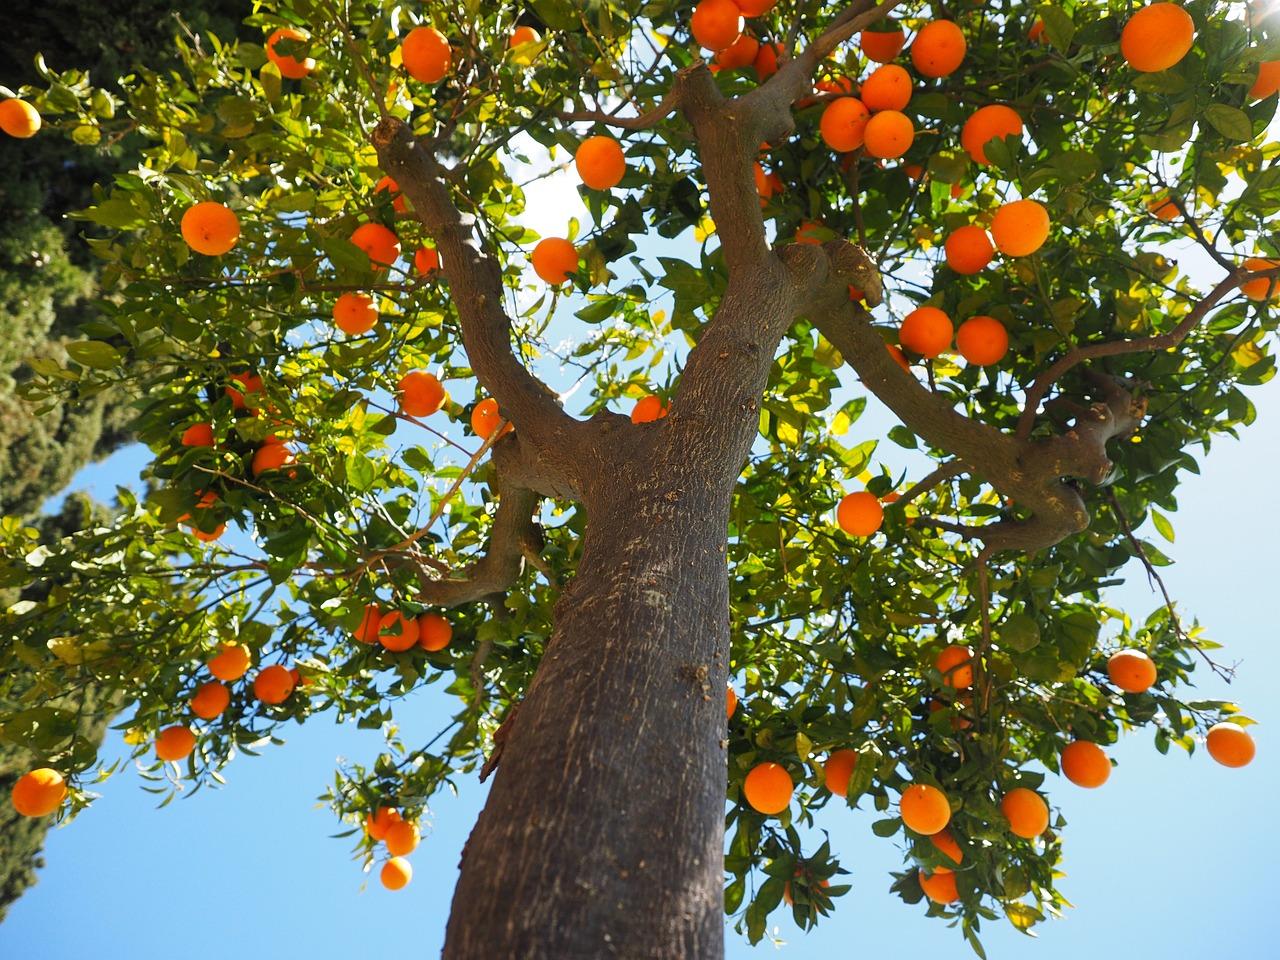 arbre fuitier